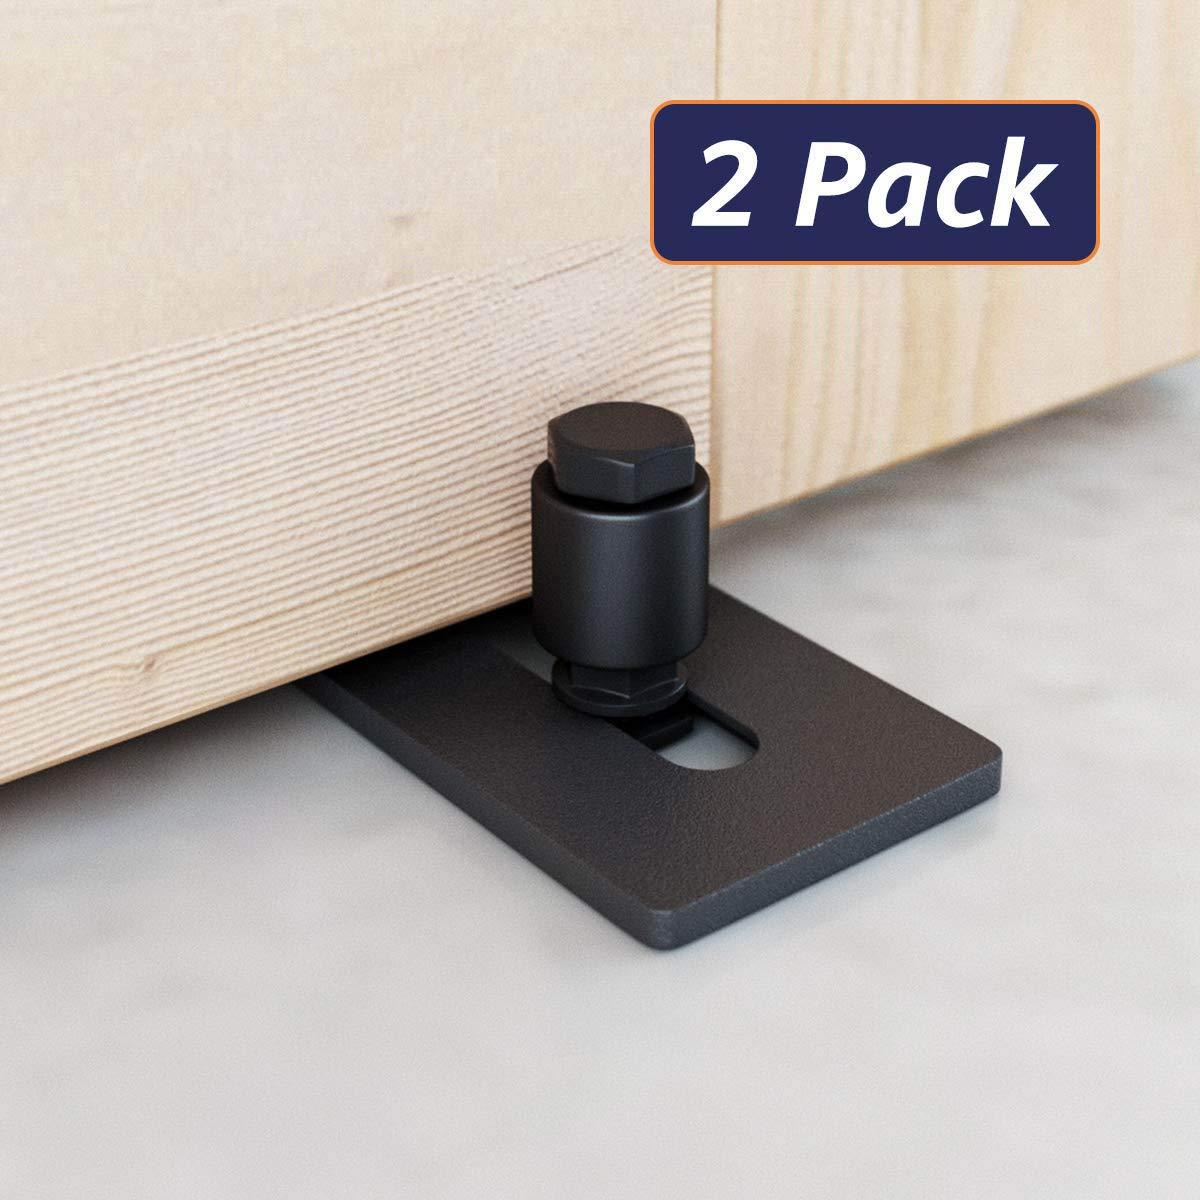 2 Rouleaux 2 Pi/èces TOOGOO Rouleau de Guidage de Plancher R/églable de Porte de Grange Coulissante Facile /à Installer Super Lisse Et Silencieux Noir